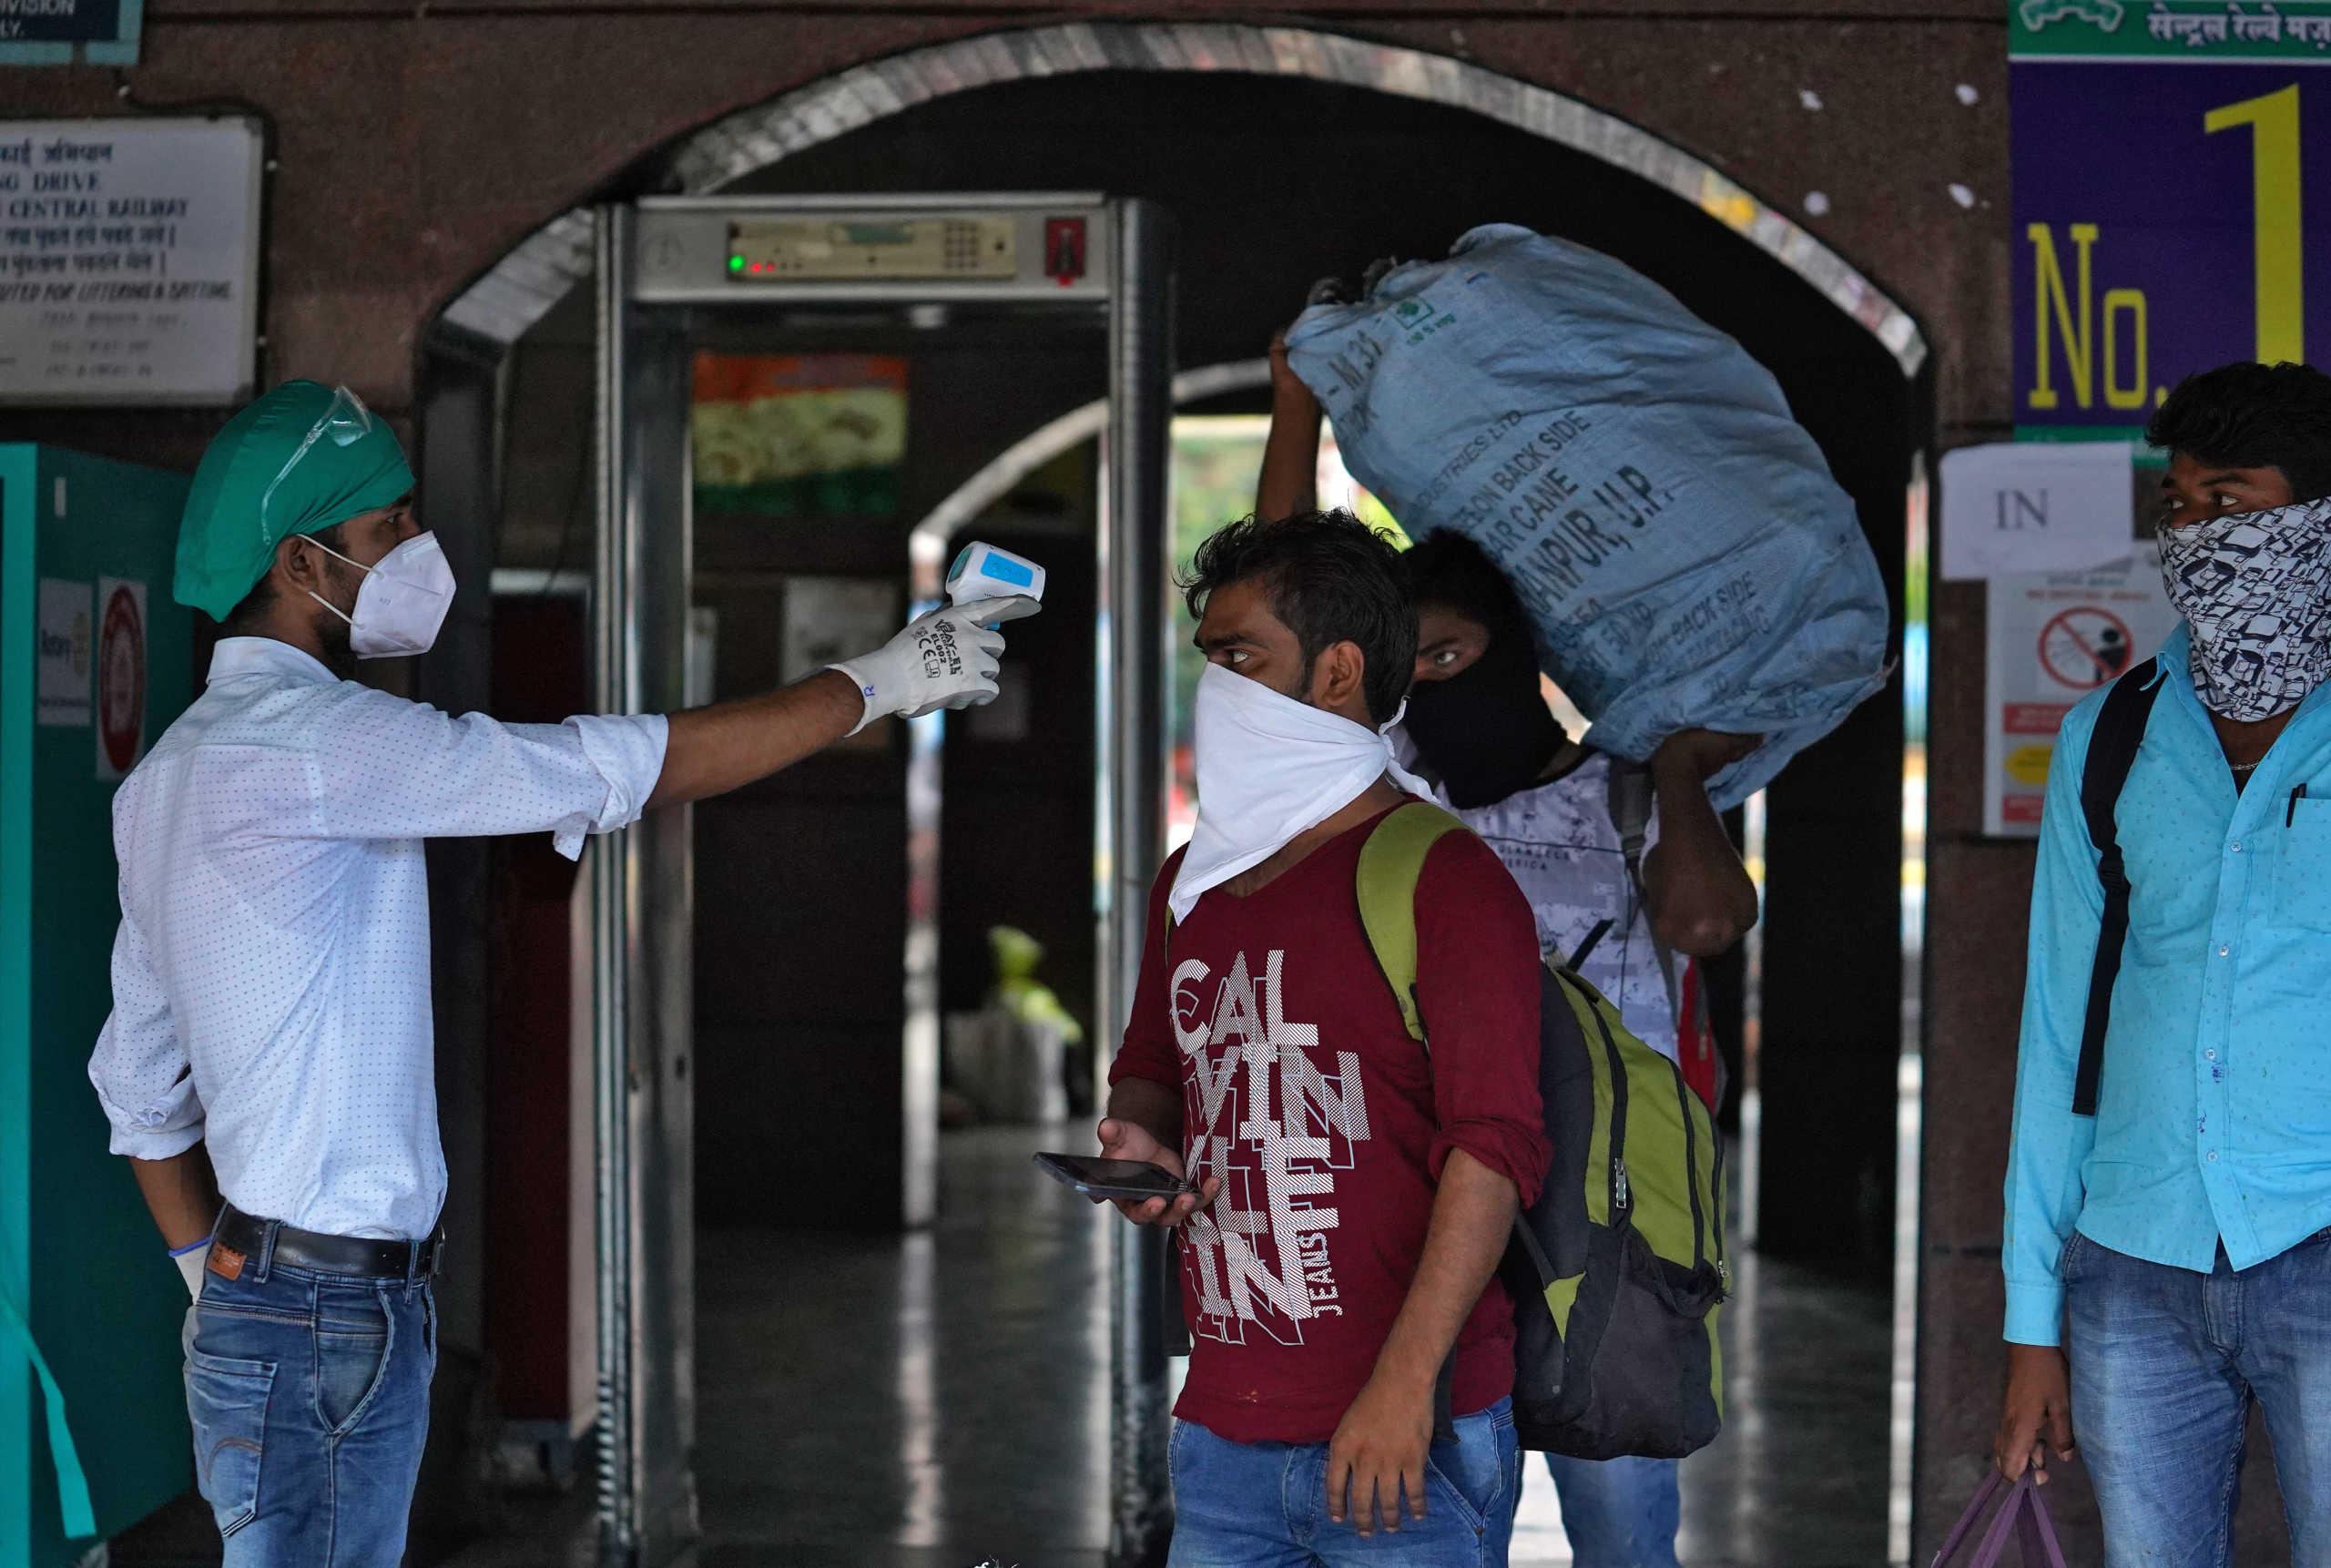 Ινδία: 11.427 κρούσματα κορονοϊού και 118 νεκροί σε 24 ώρες